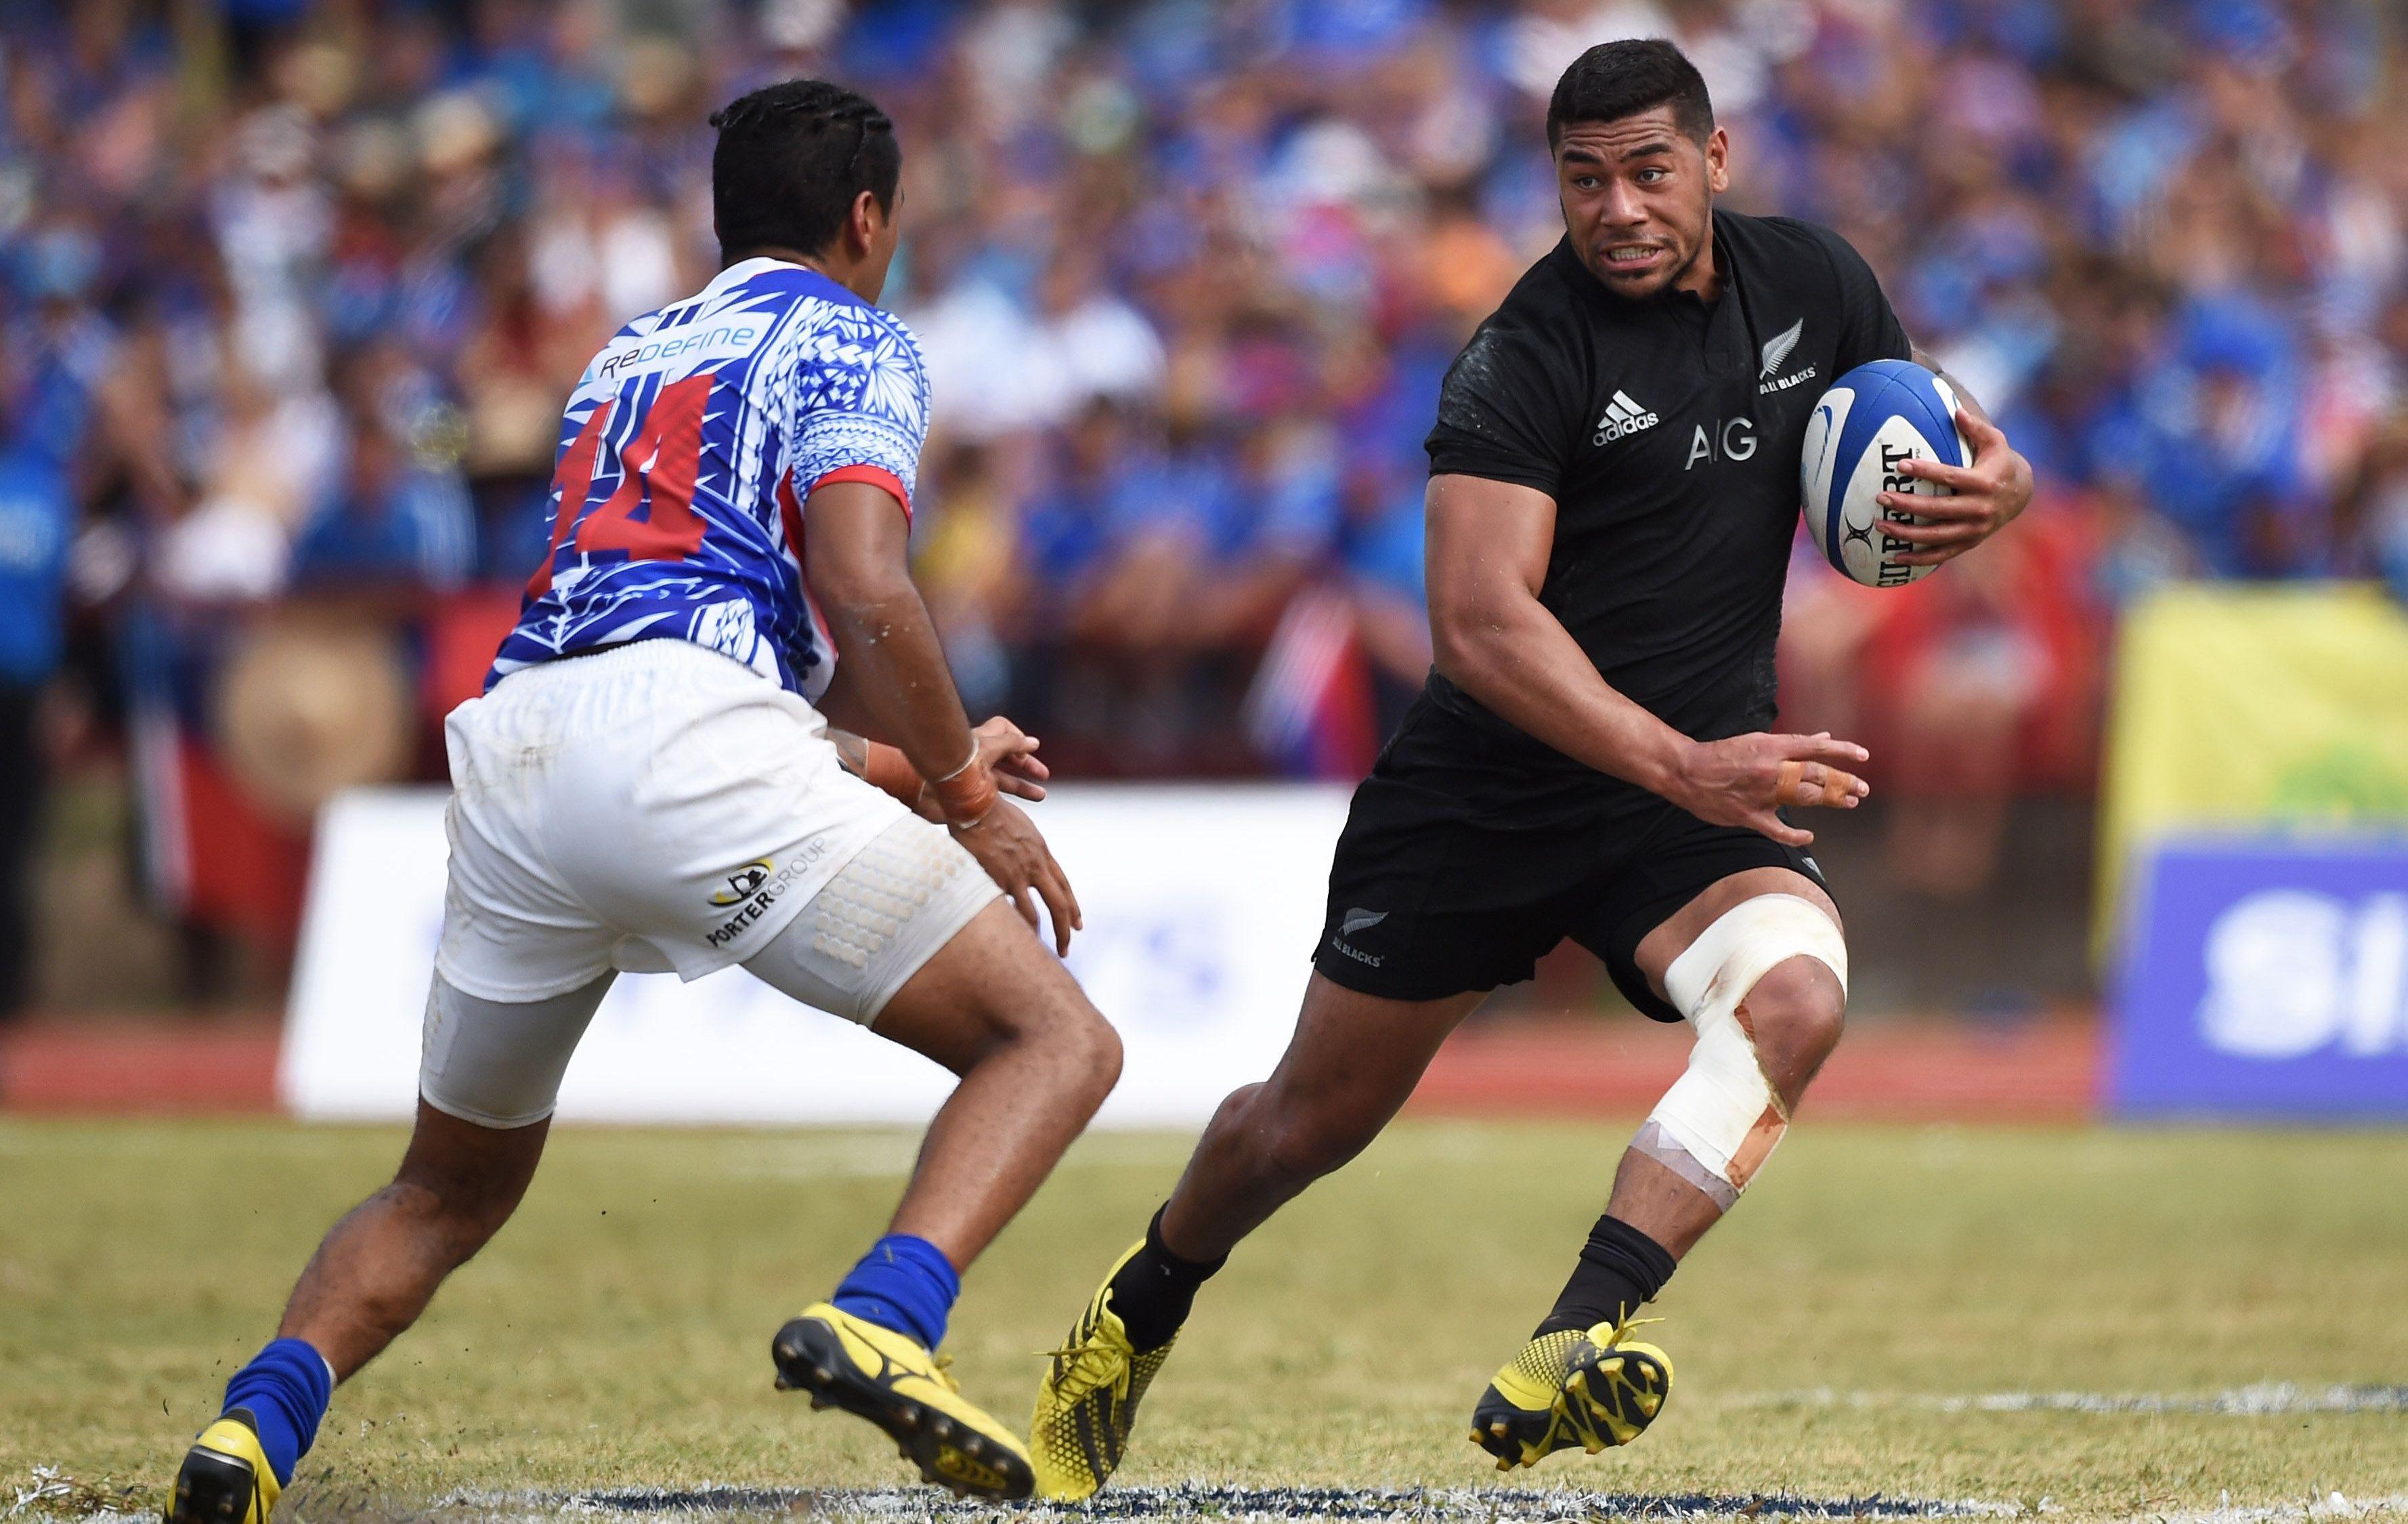 Les all blacks d butent bien leur pr paration au mondial coupe du monde 2015 rugby - Coupe du monde 2015 handball ...